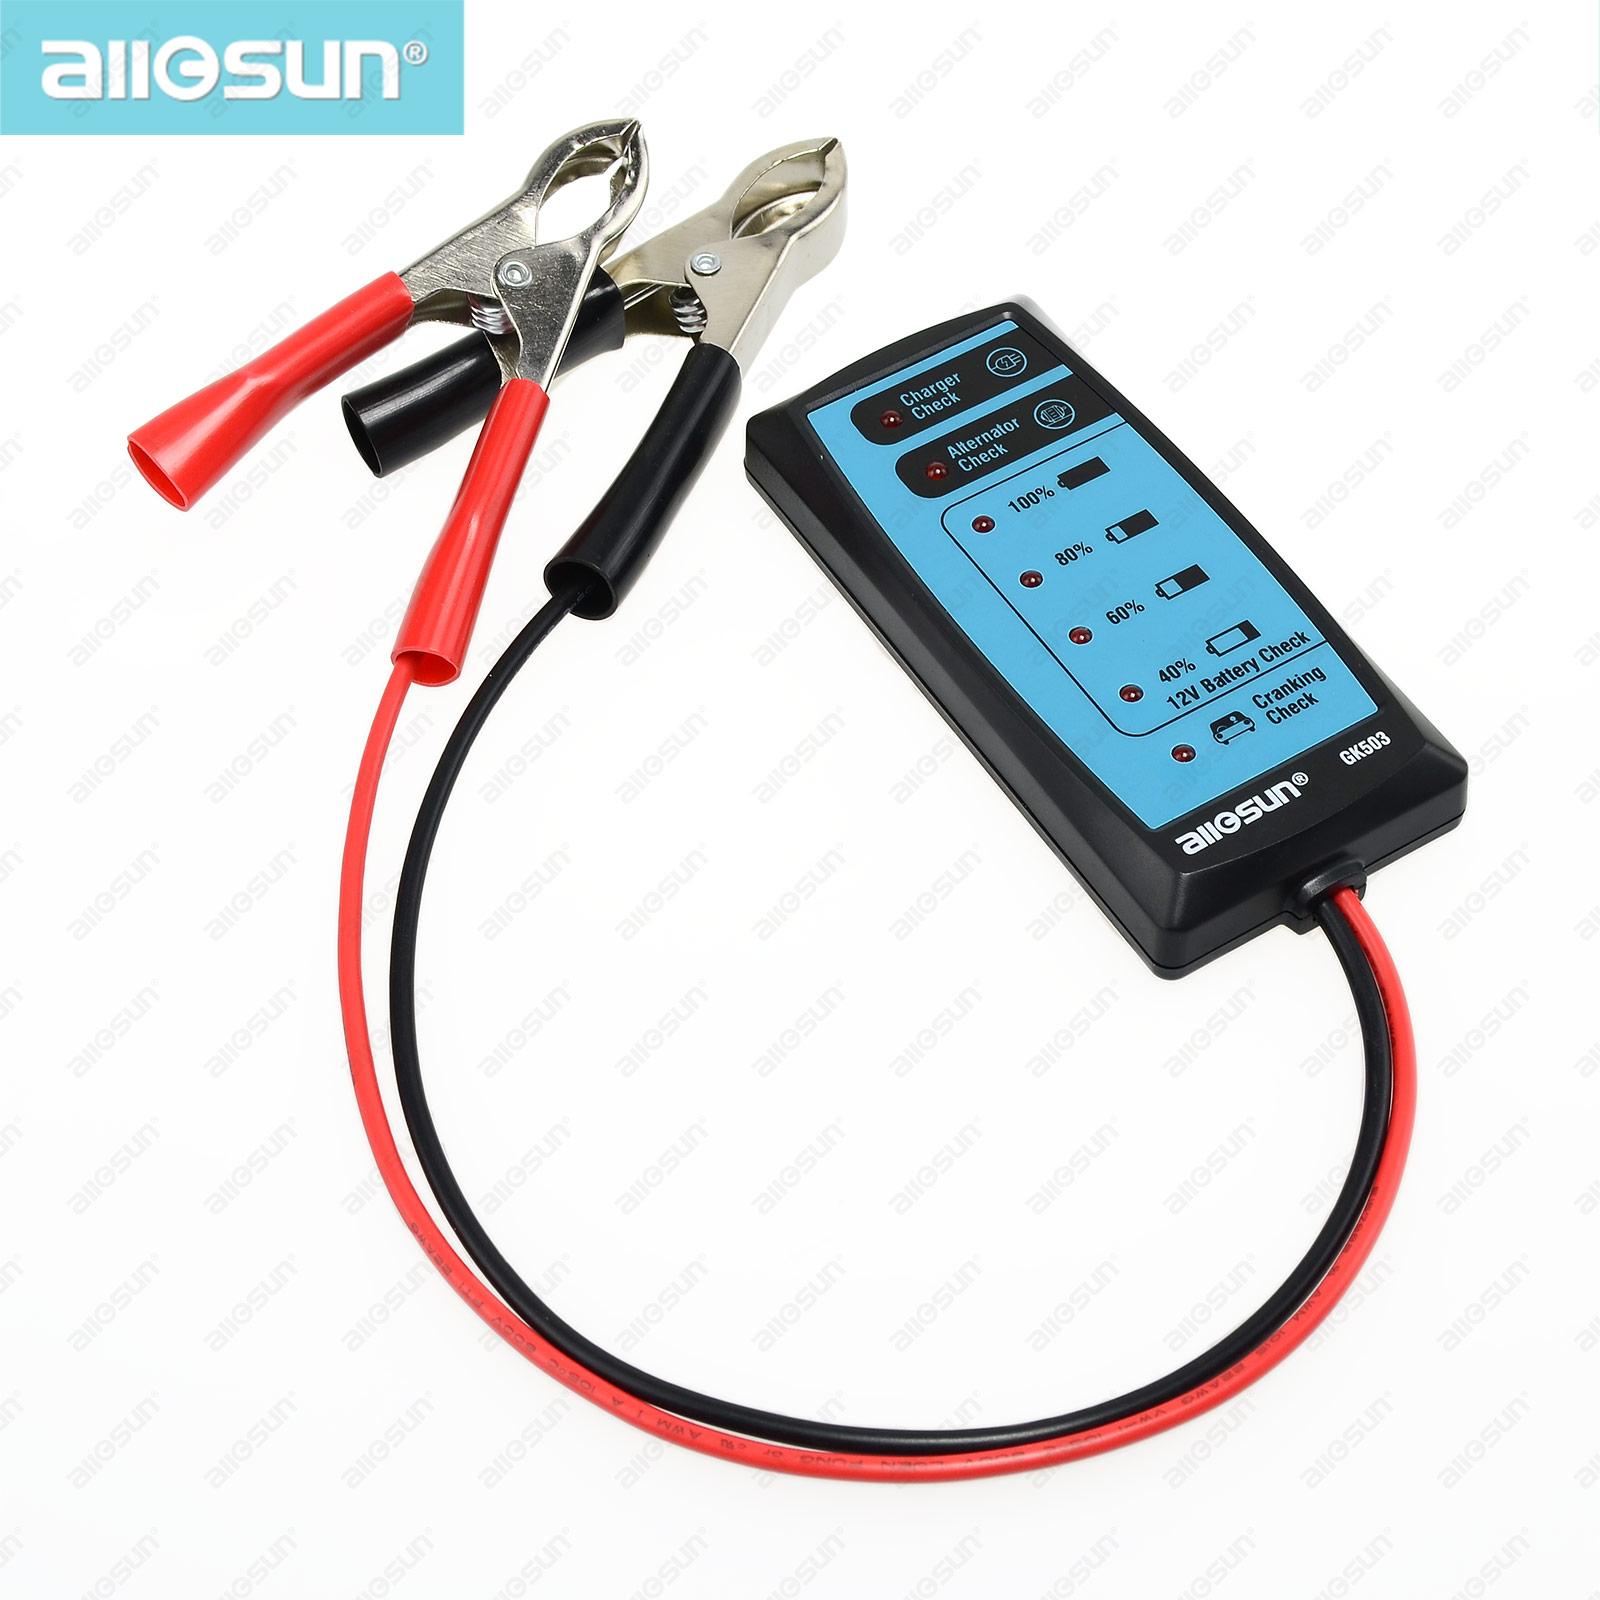 Все анти-солнце GK503 горячая распродажа мини 12 В проверки аккумулятор автомобильный аккумулятор зарядное устройство / генератора / сгибать проверка